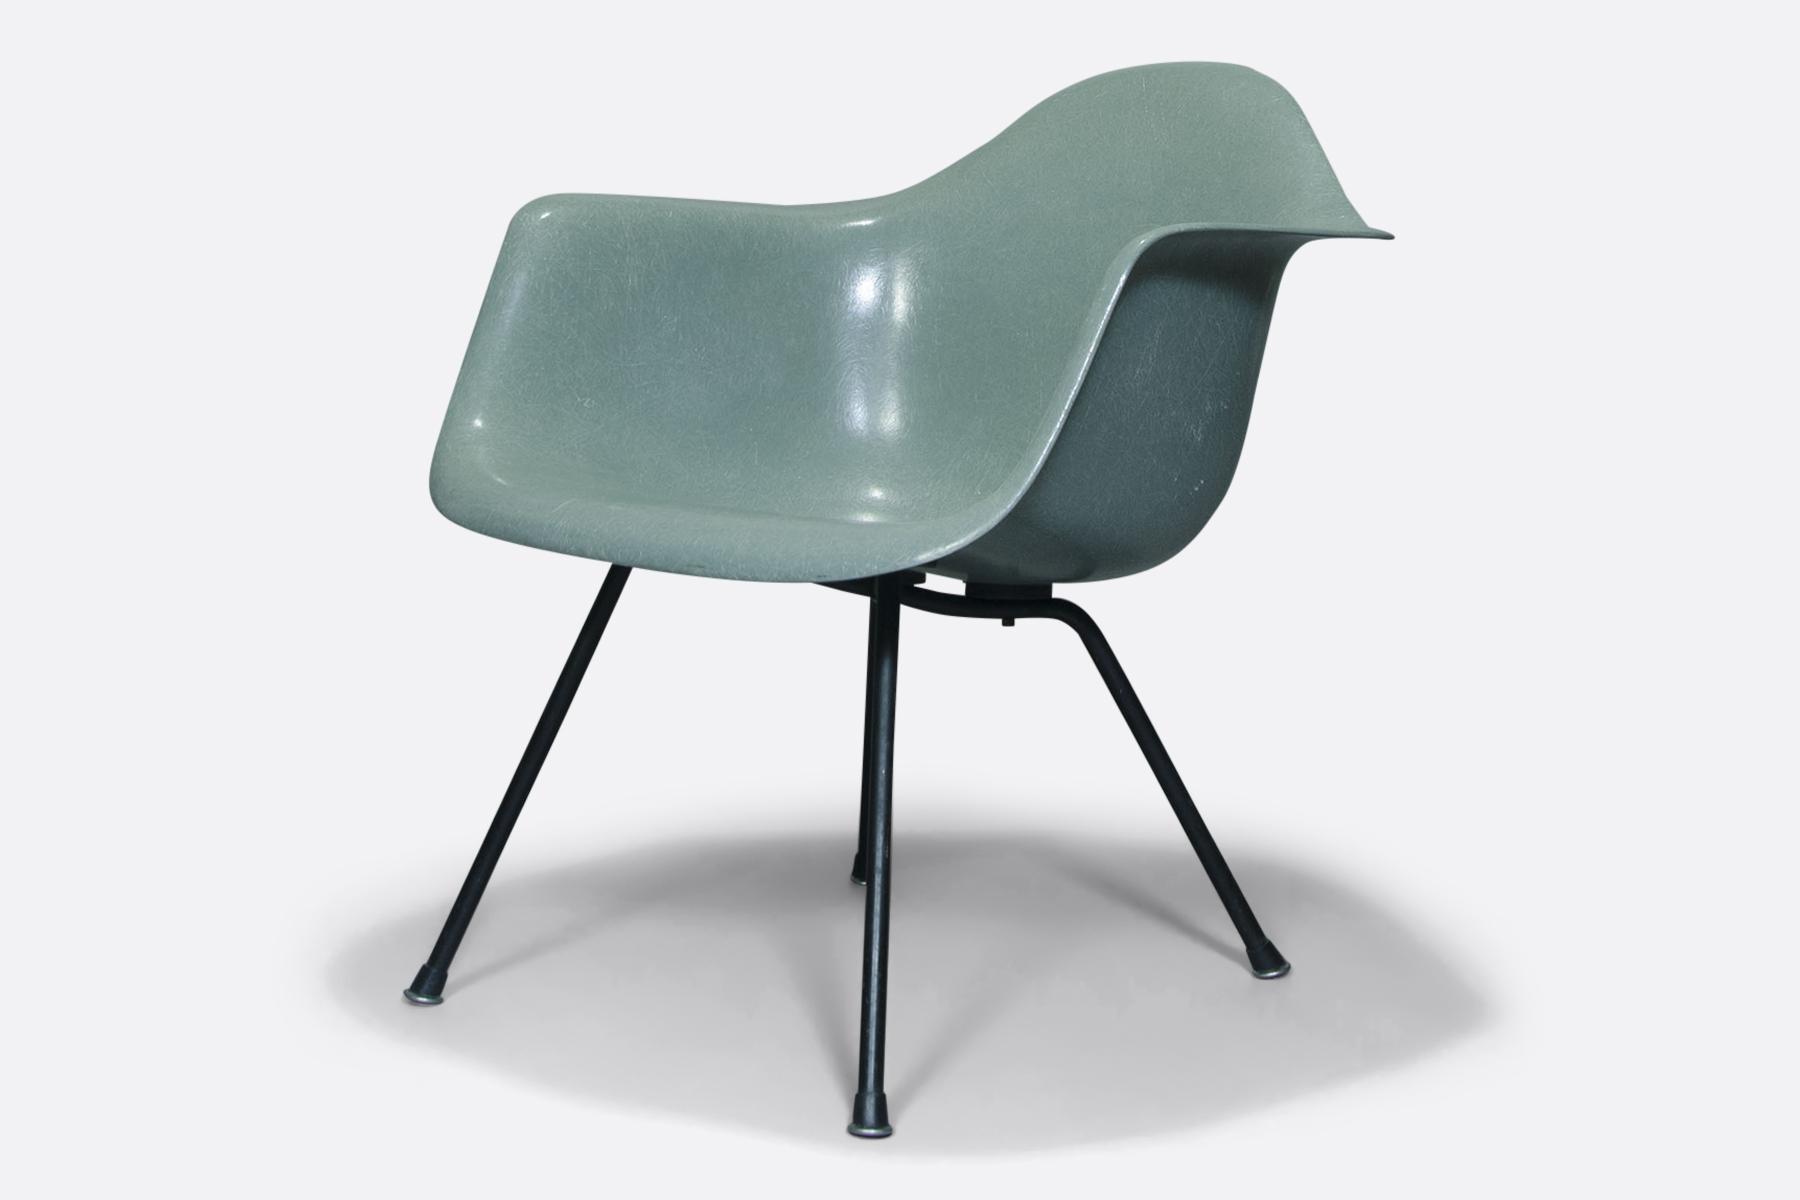 Eames armchair-LAX-seafoam green.2